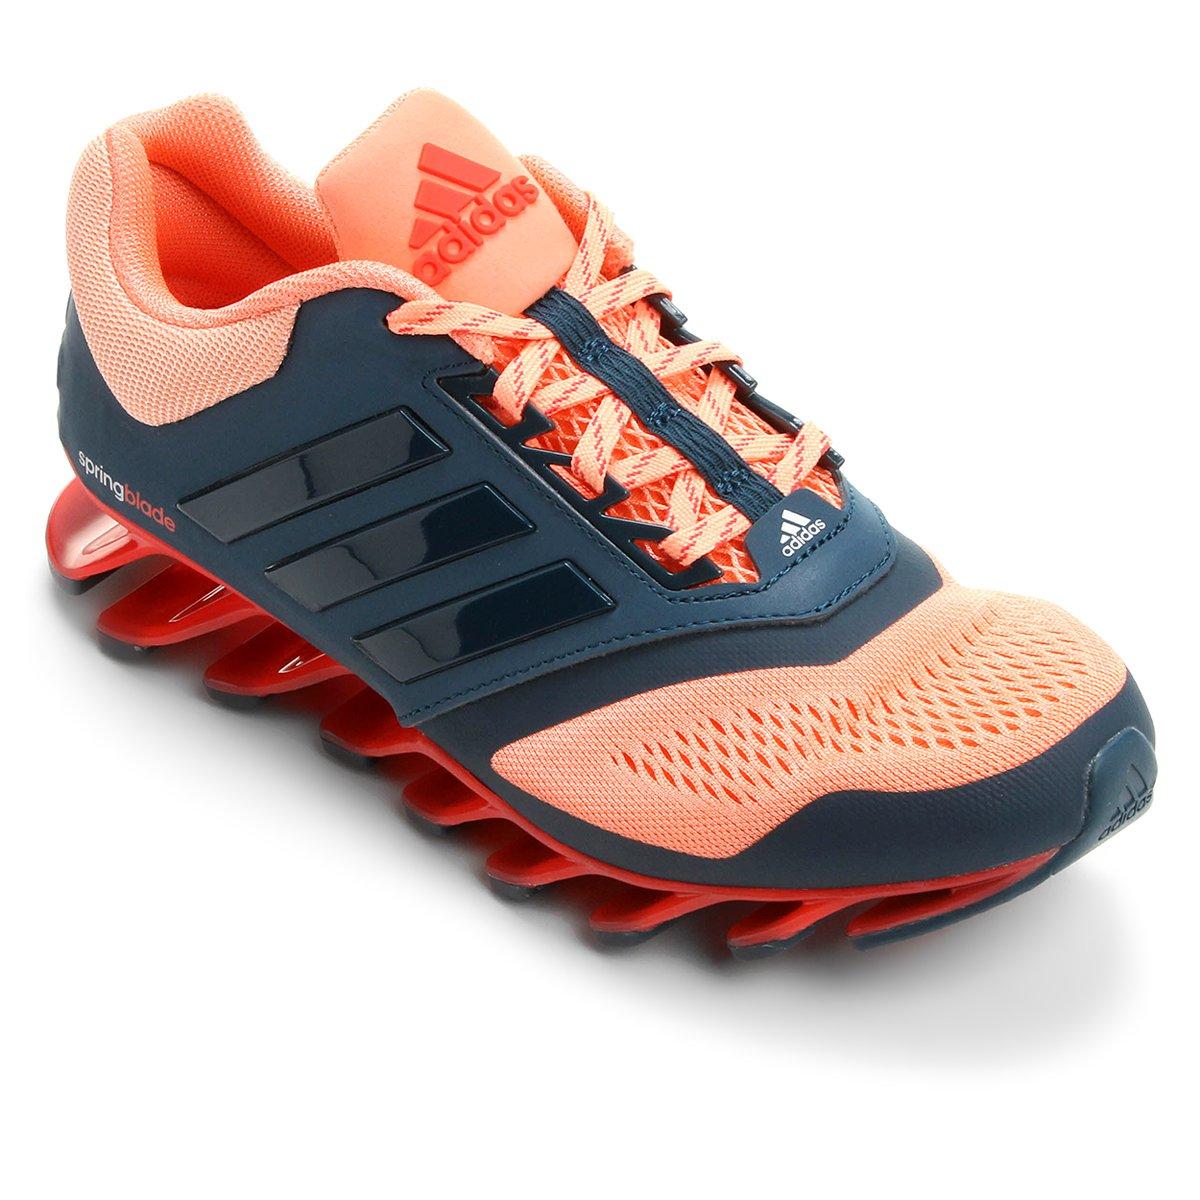 3ca36e22c62 Tênis Adidas Springblade Drive 3 Feminino - Compre Agora